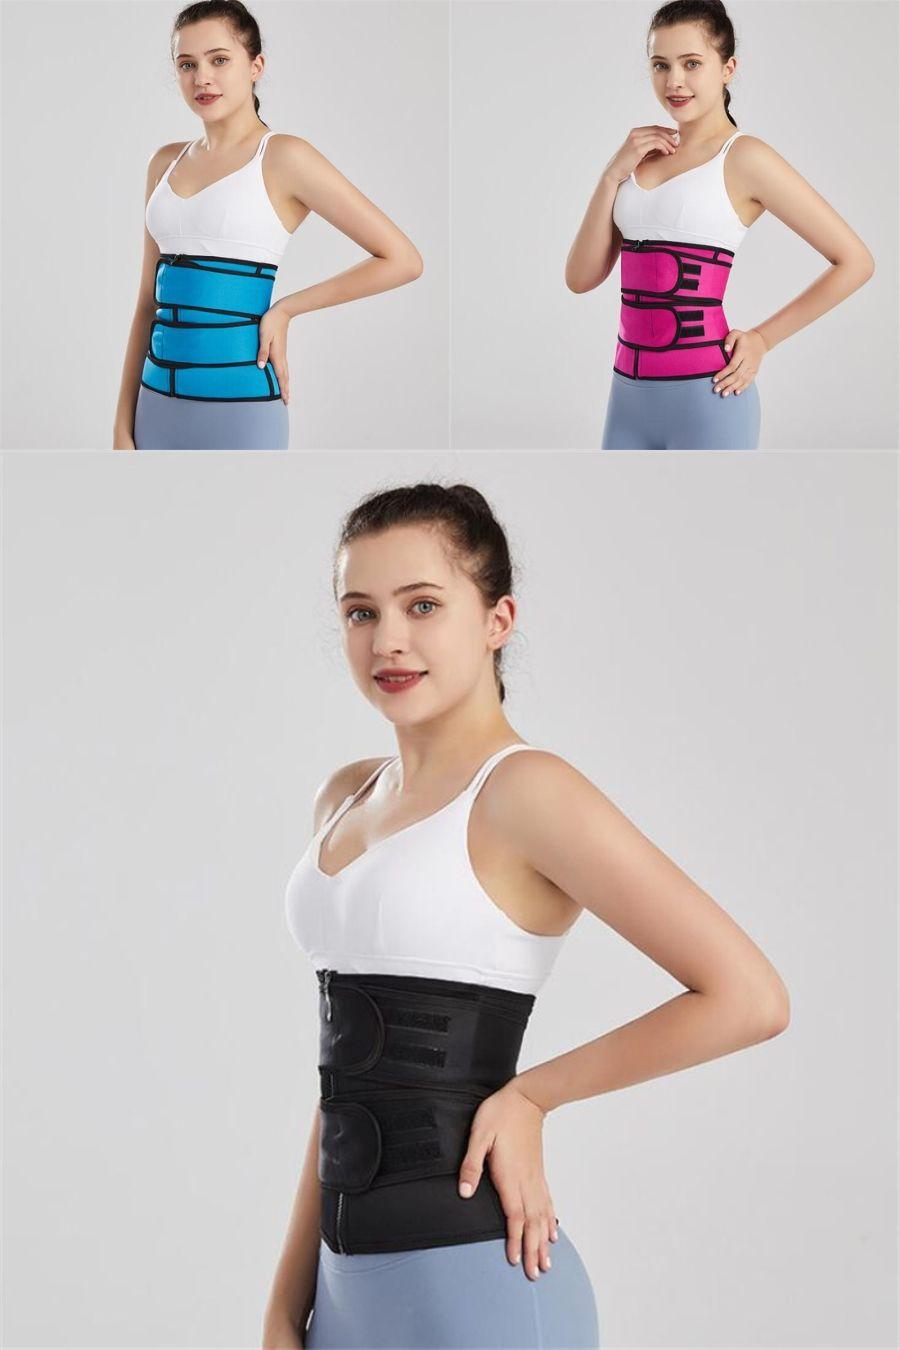 Bafully Sweat dimagrante Donne Vita Trainer della maglia del neoprene Body Shaper pancia di Controllo fitness top corsetto con la chiusura lampo Regolare la cinghia # 553